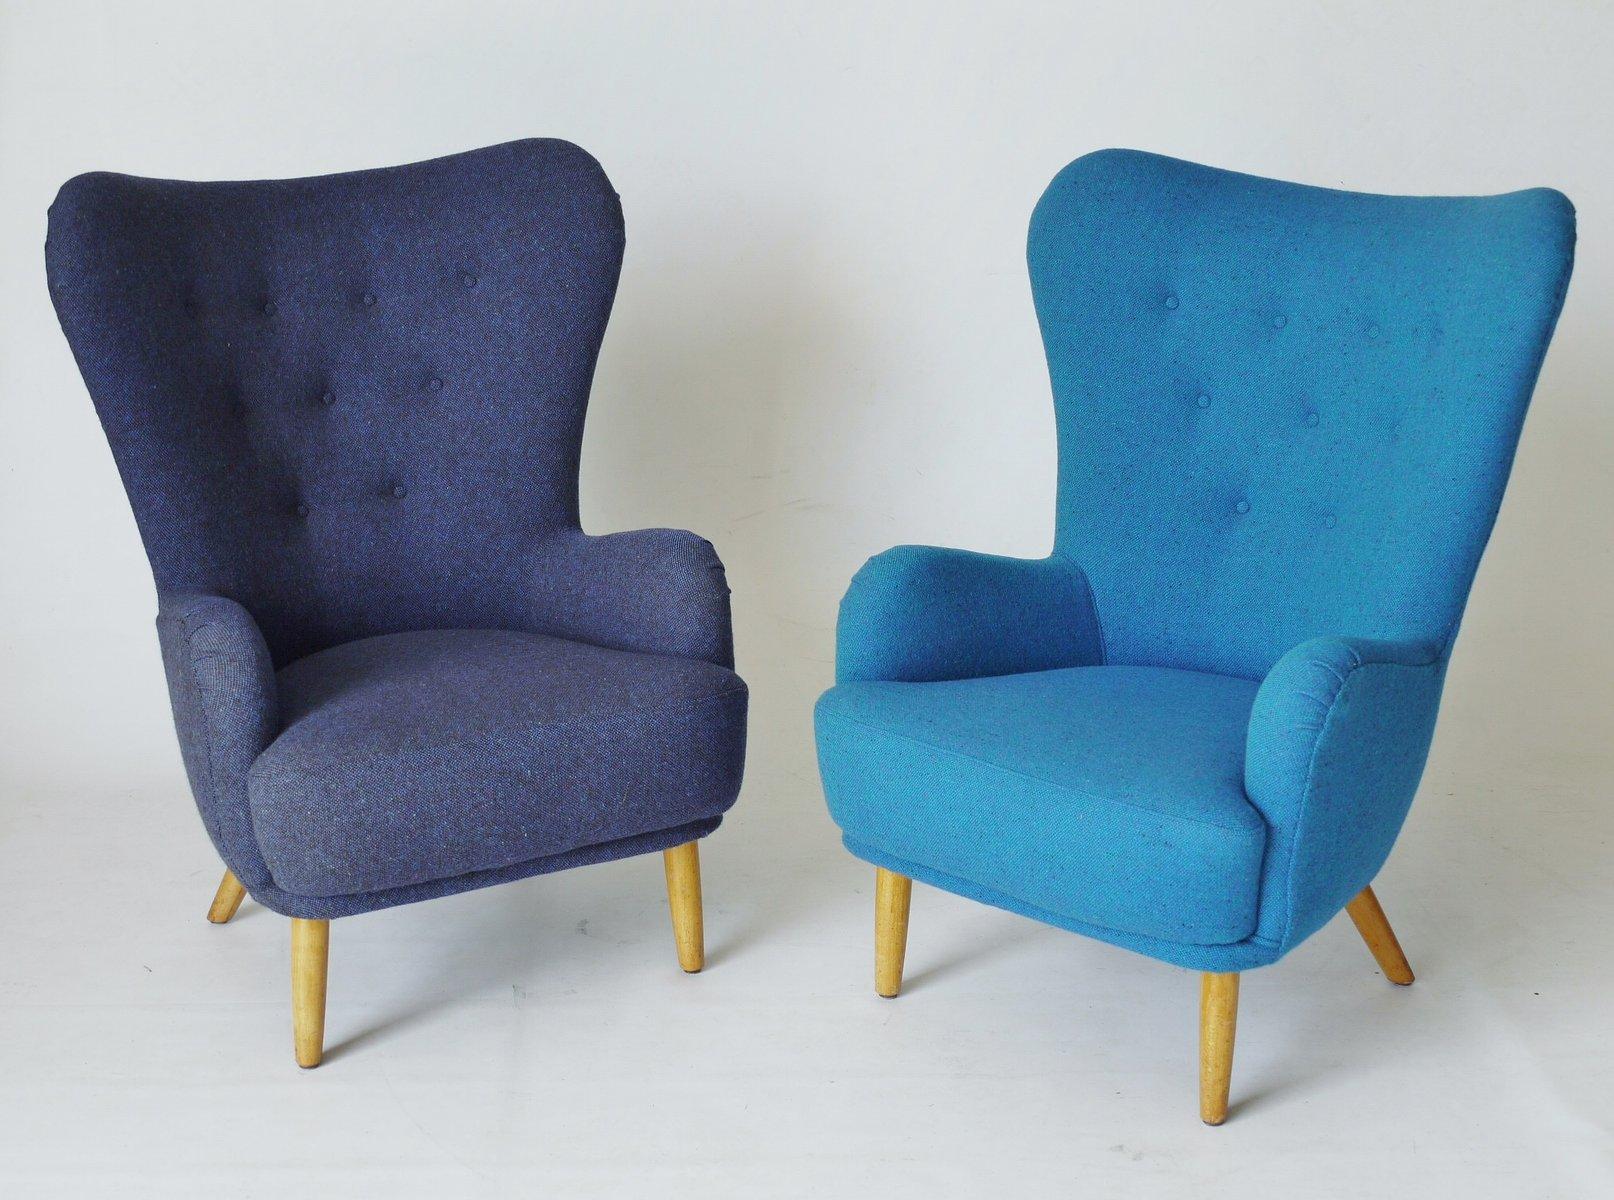 race furniture. contemporary race blue da1 armchair by ernest race for furniture 1950s on furniture